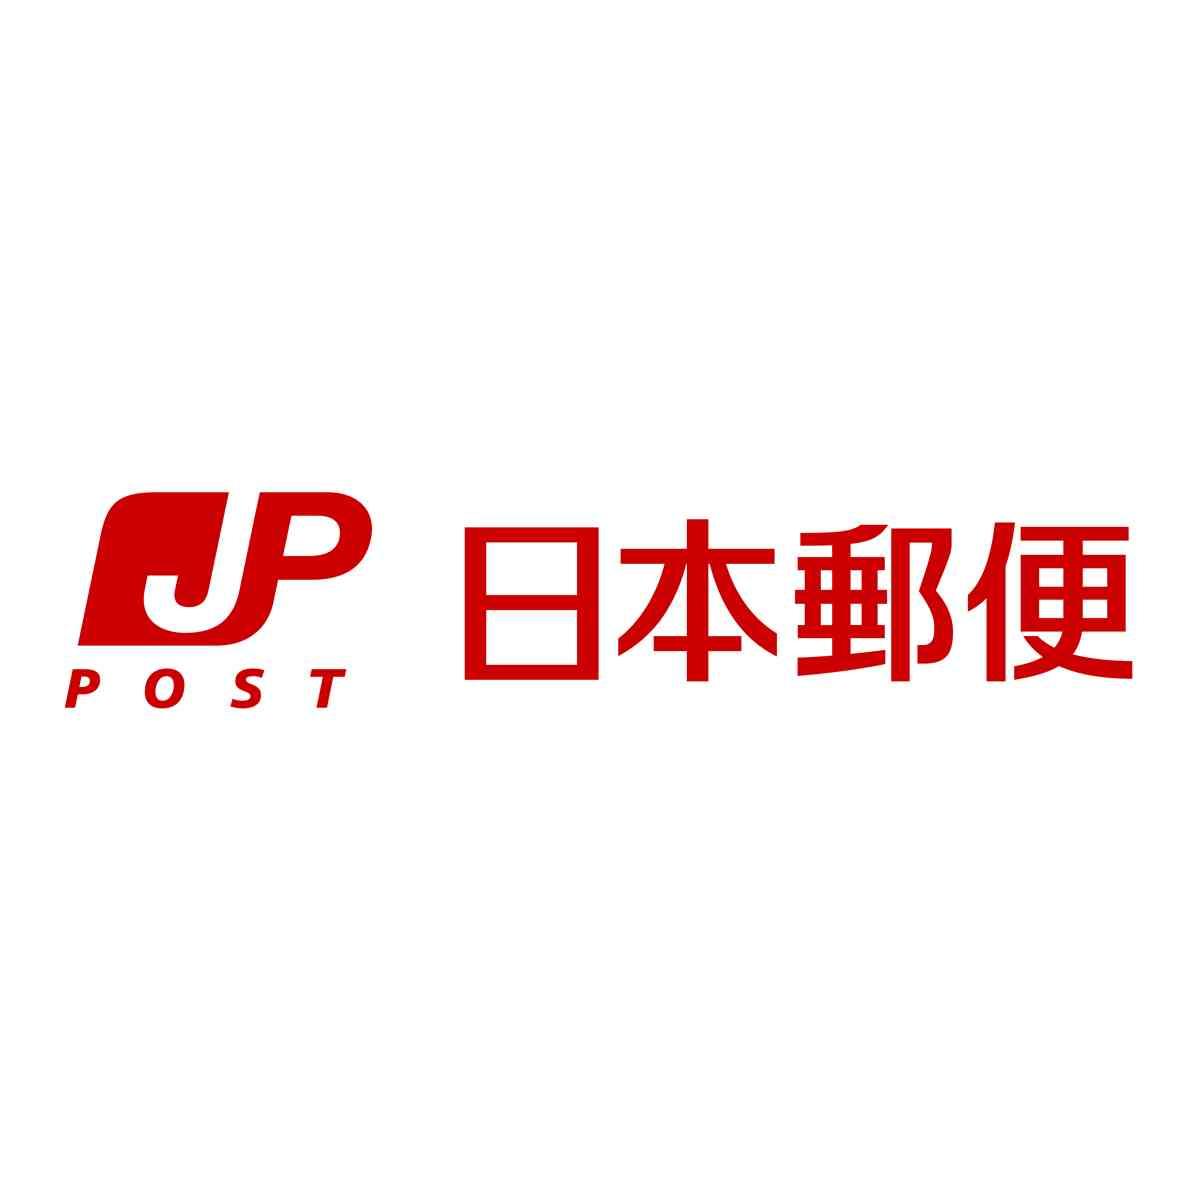 2018(平成30)年用年賀 お年玉くじ抽せん会の開催 - 日本郵便